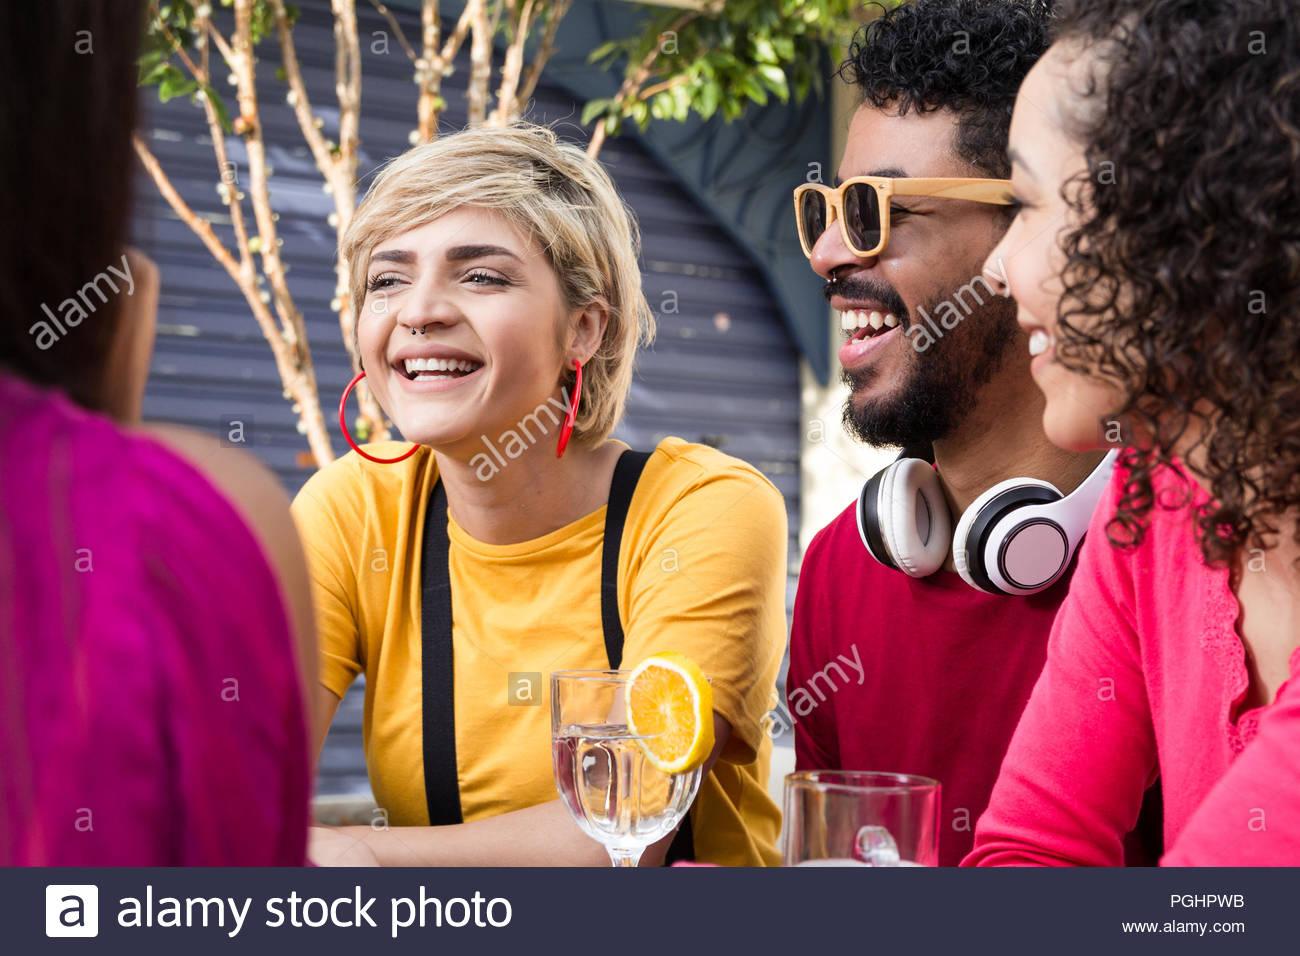 Junge Erwachsene heraus hängen, Spaß an Restaurant außerhalb. Multikulturellen Studenten zusammen Party im Cafe Bar im Freien. Frühling, warm, miteinander, Stockbild